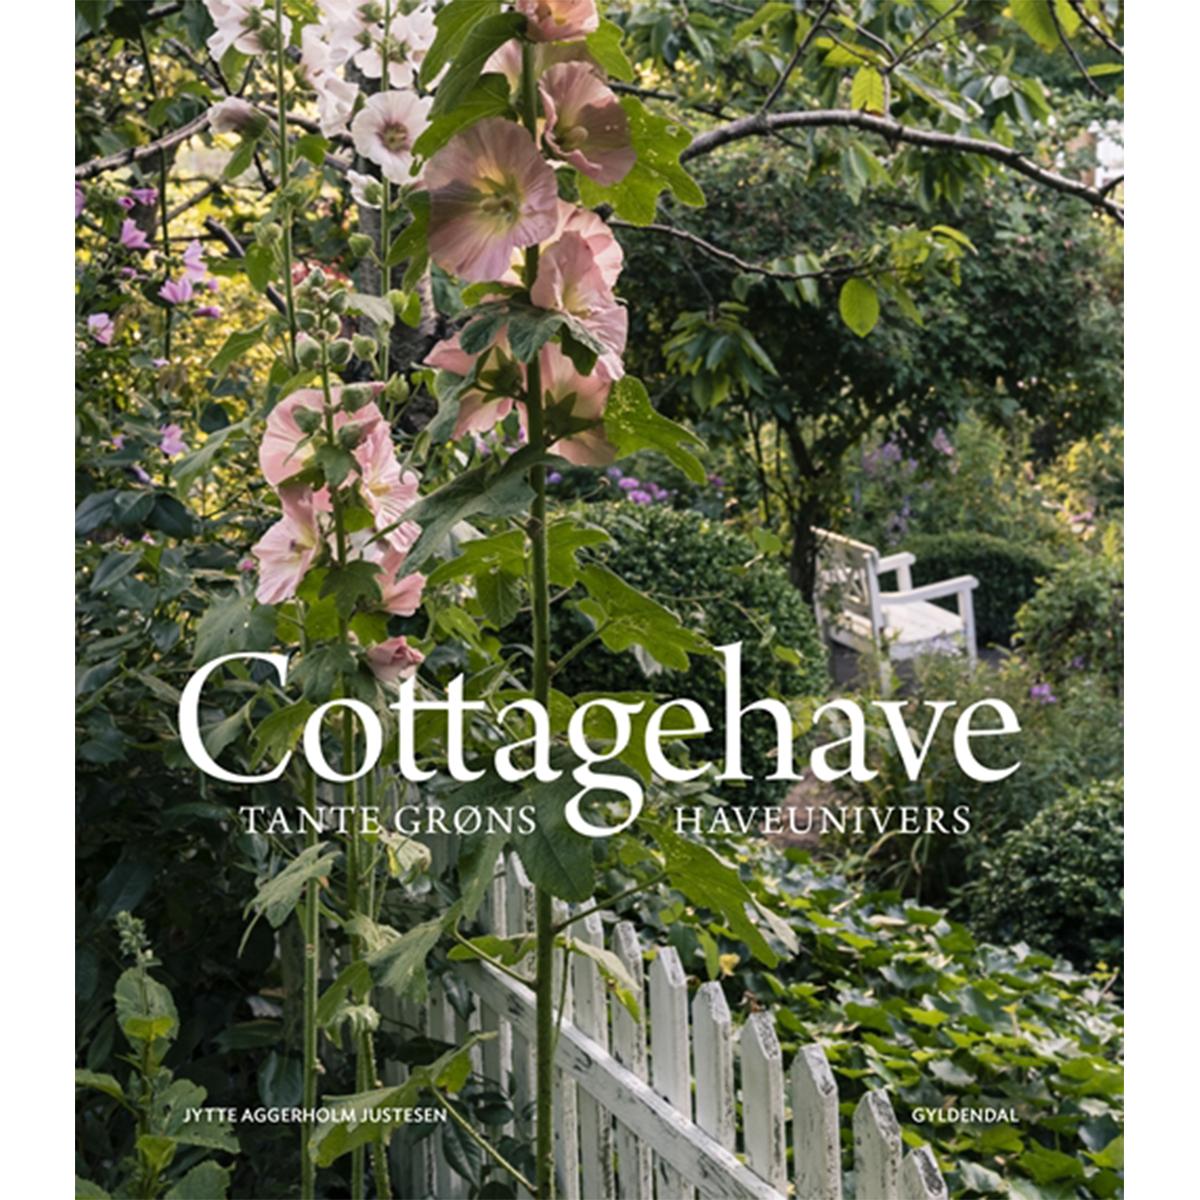 Billede af Cottagehave - Tante Grøns haveunivers - Indbundet